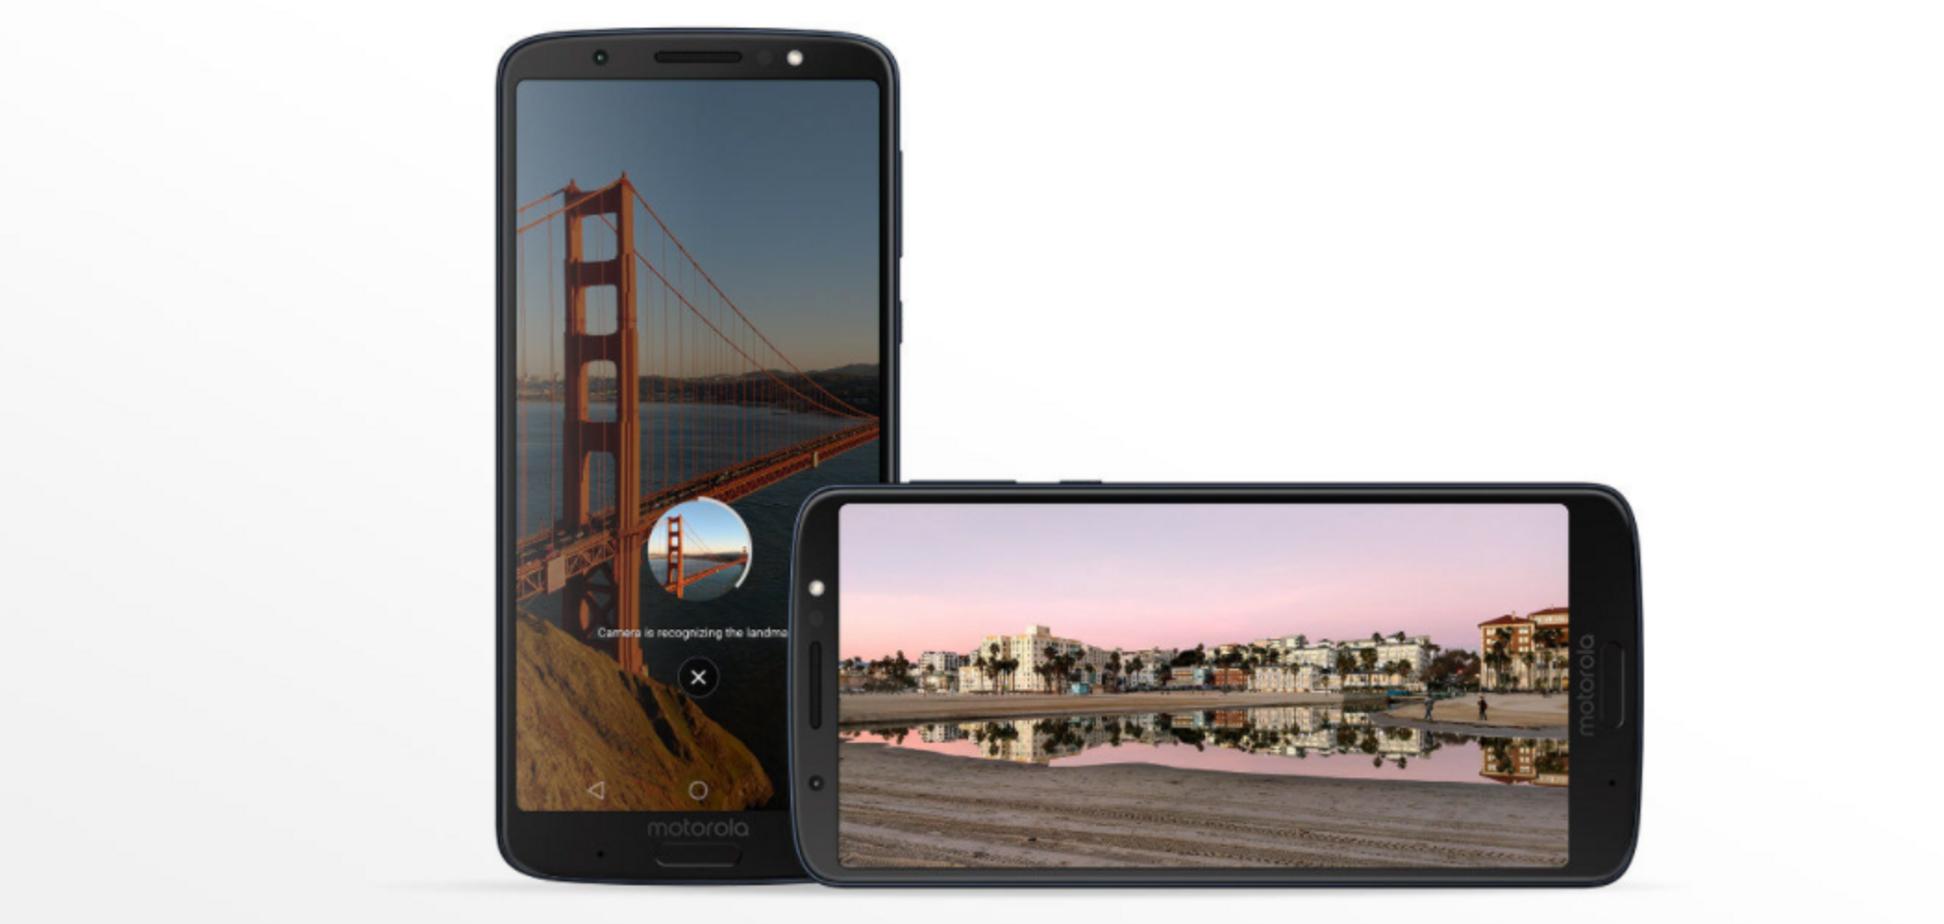 6 дюймів недорого: Motorola представила бюджетні смартфони